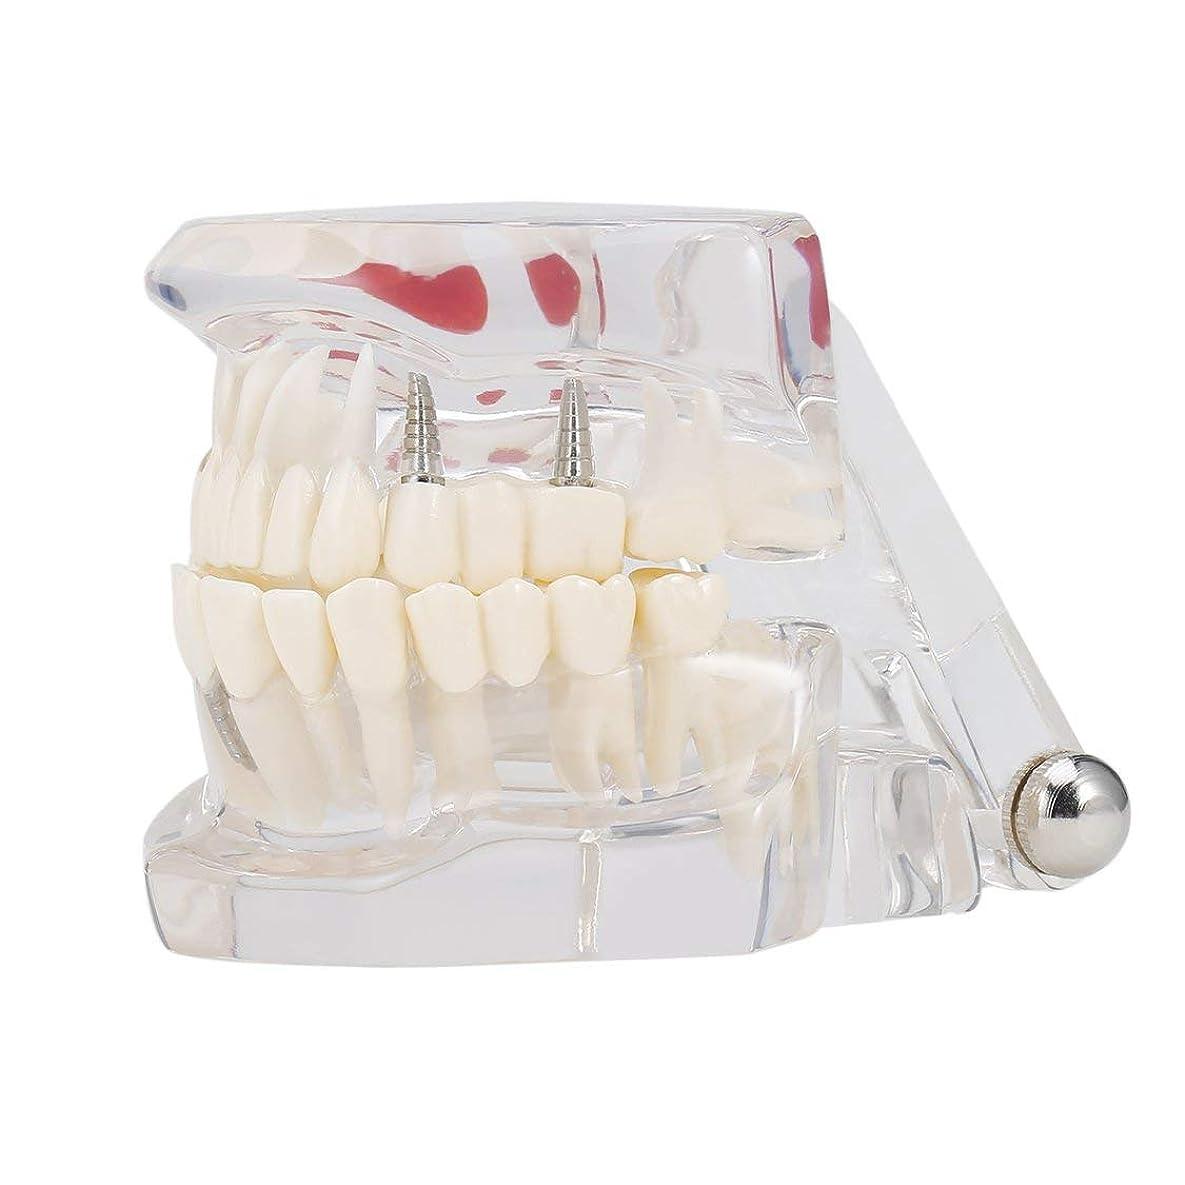 ハントエイリアンつぼみプロの取り替え可能な偽の歯の歯の病気Moldel歯科インプラント修復ディスプレイクリニック病院教育用